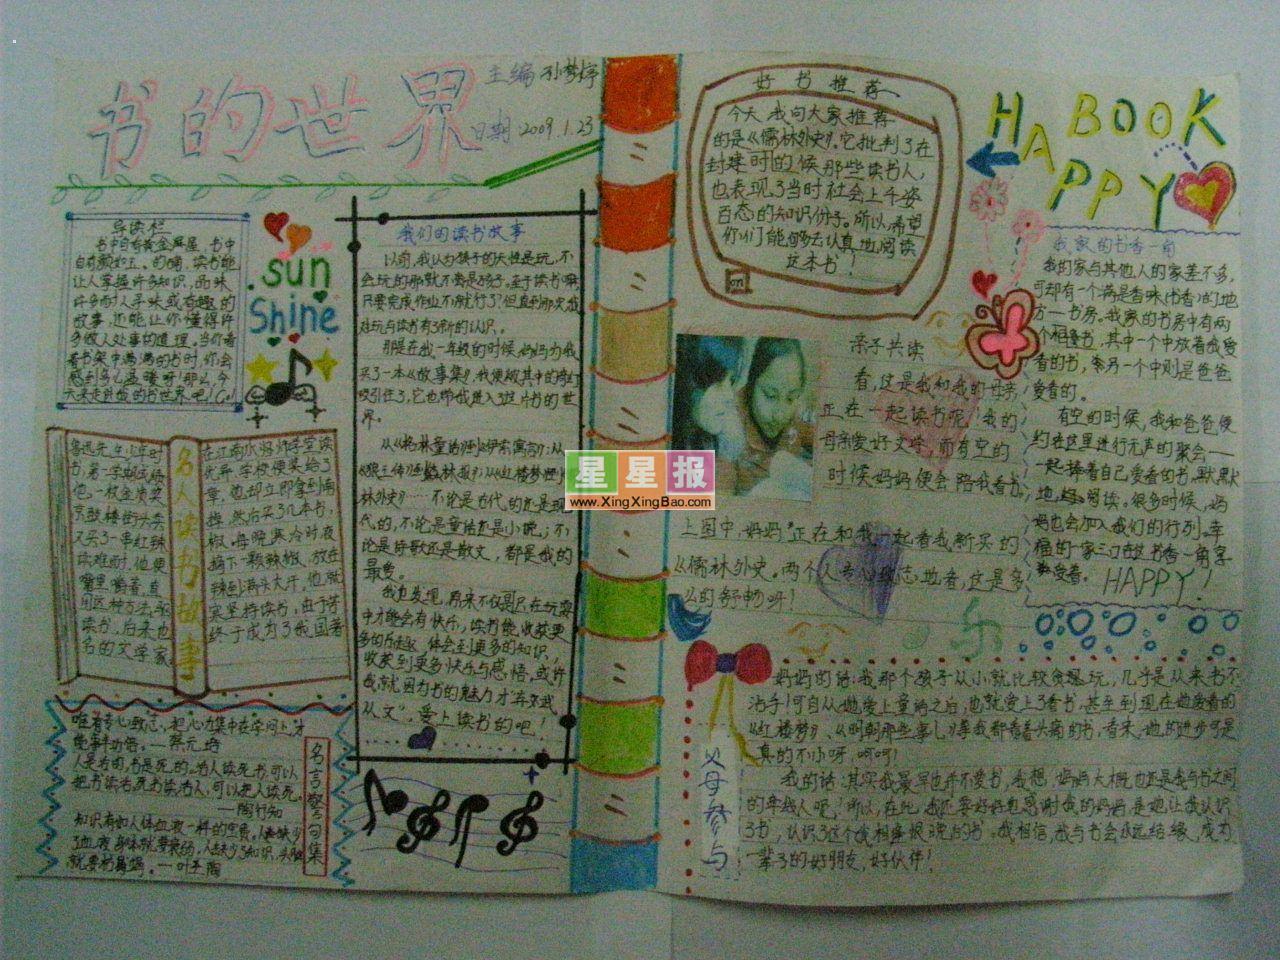 高中手抄报版面设计图,包括语文,数学,英语,环保,安全,读书等手抄报